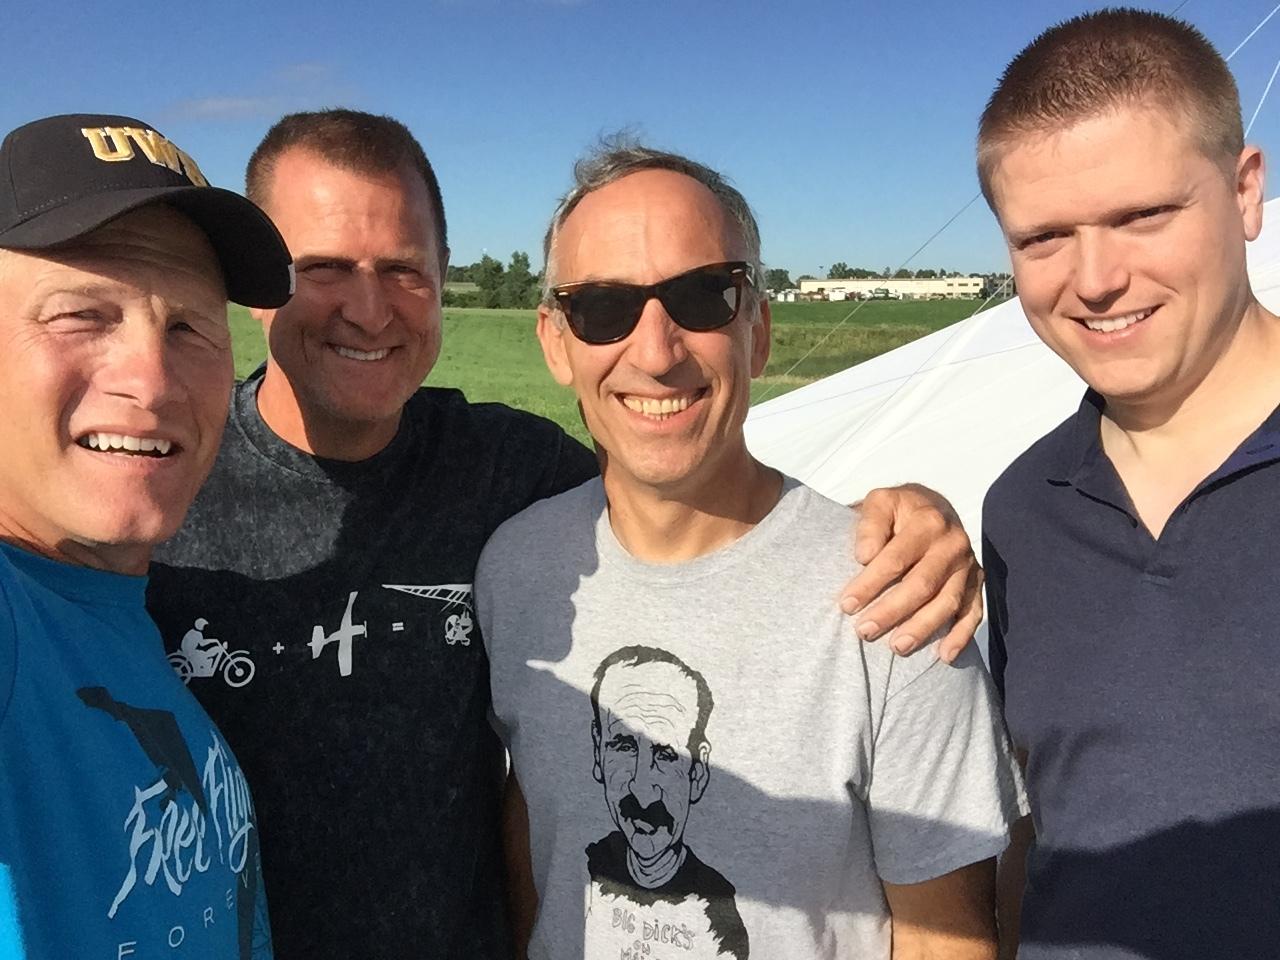 Doyle, Jim, Paul and Paul